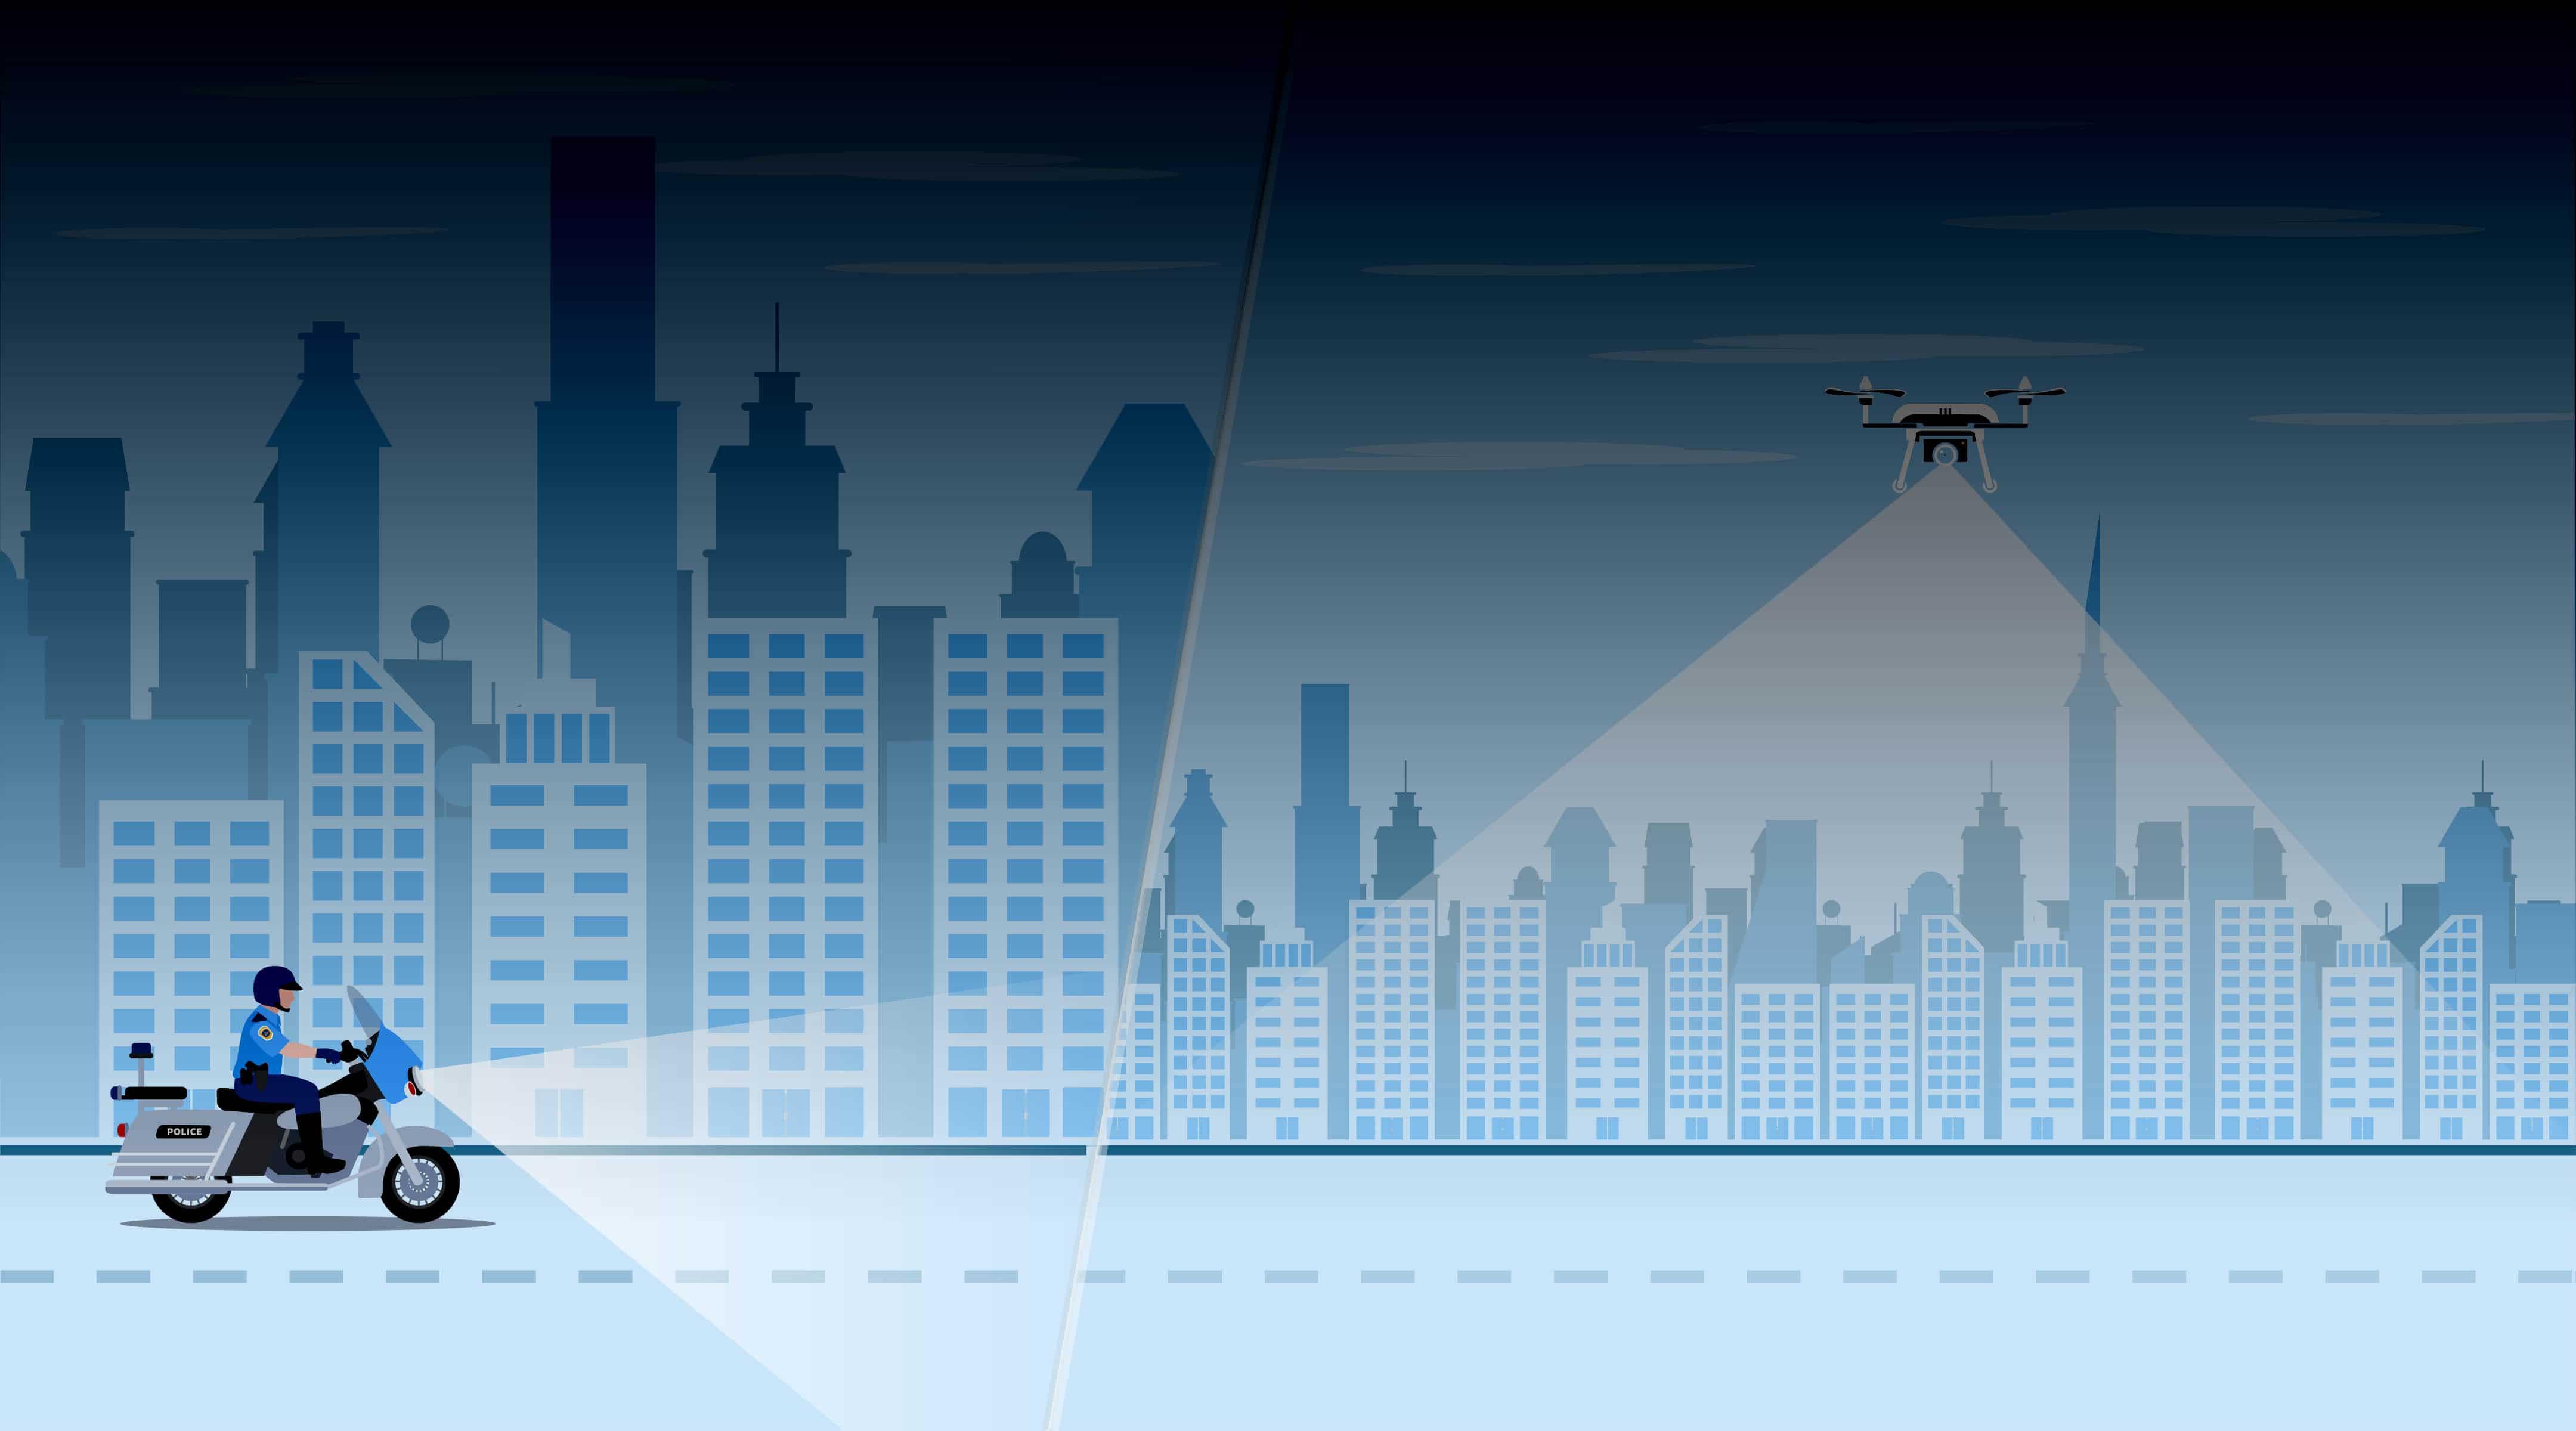 Drones Make Law Enforcement 5 Times More Efficient